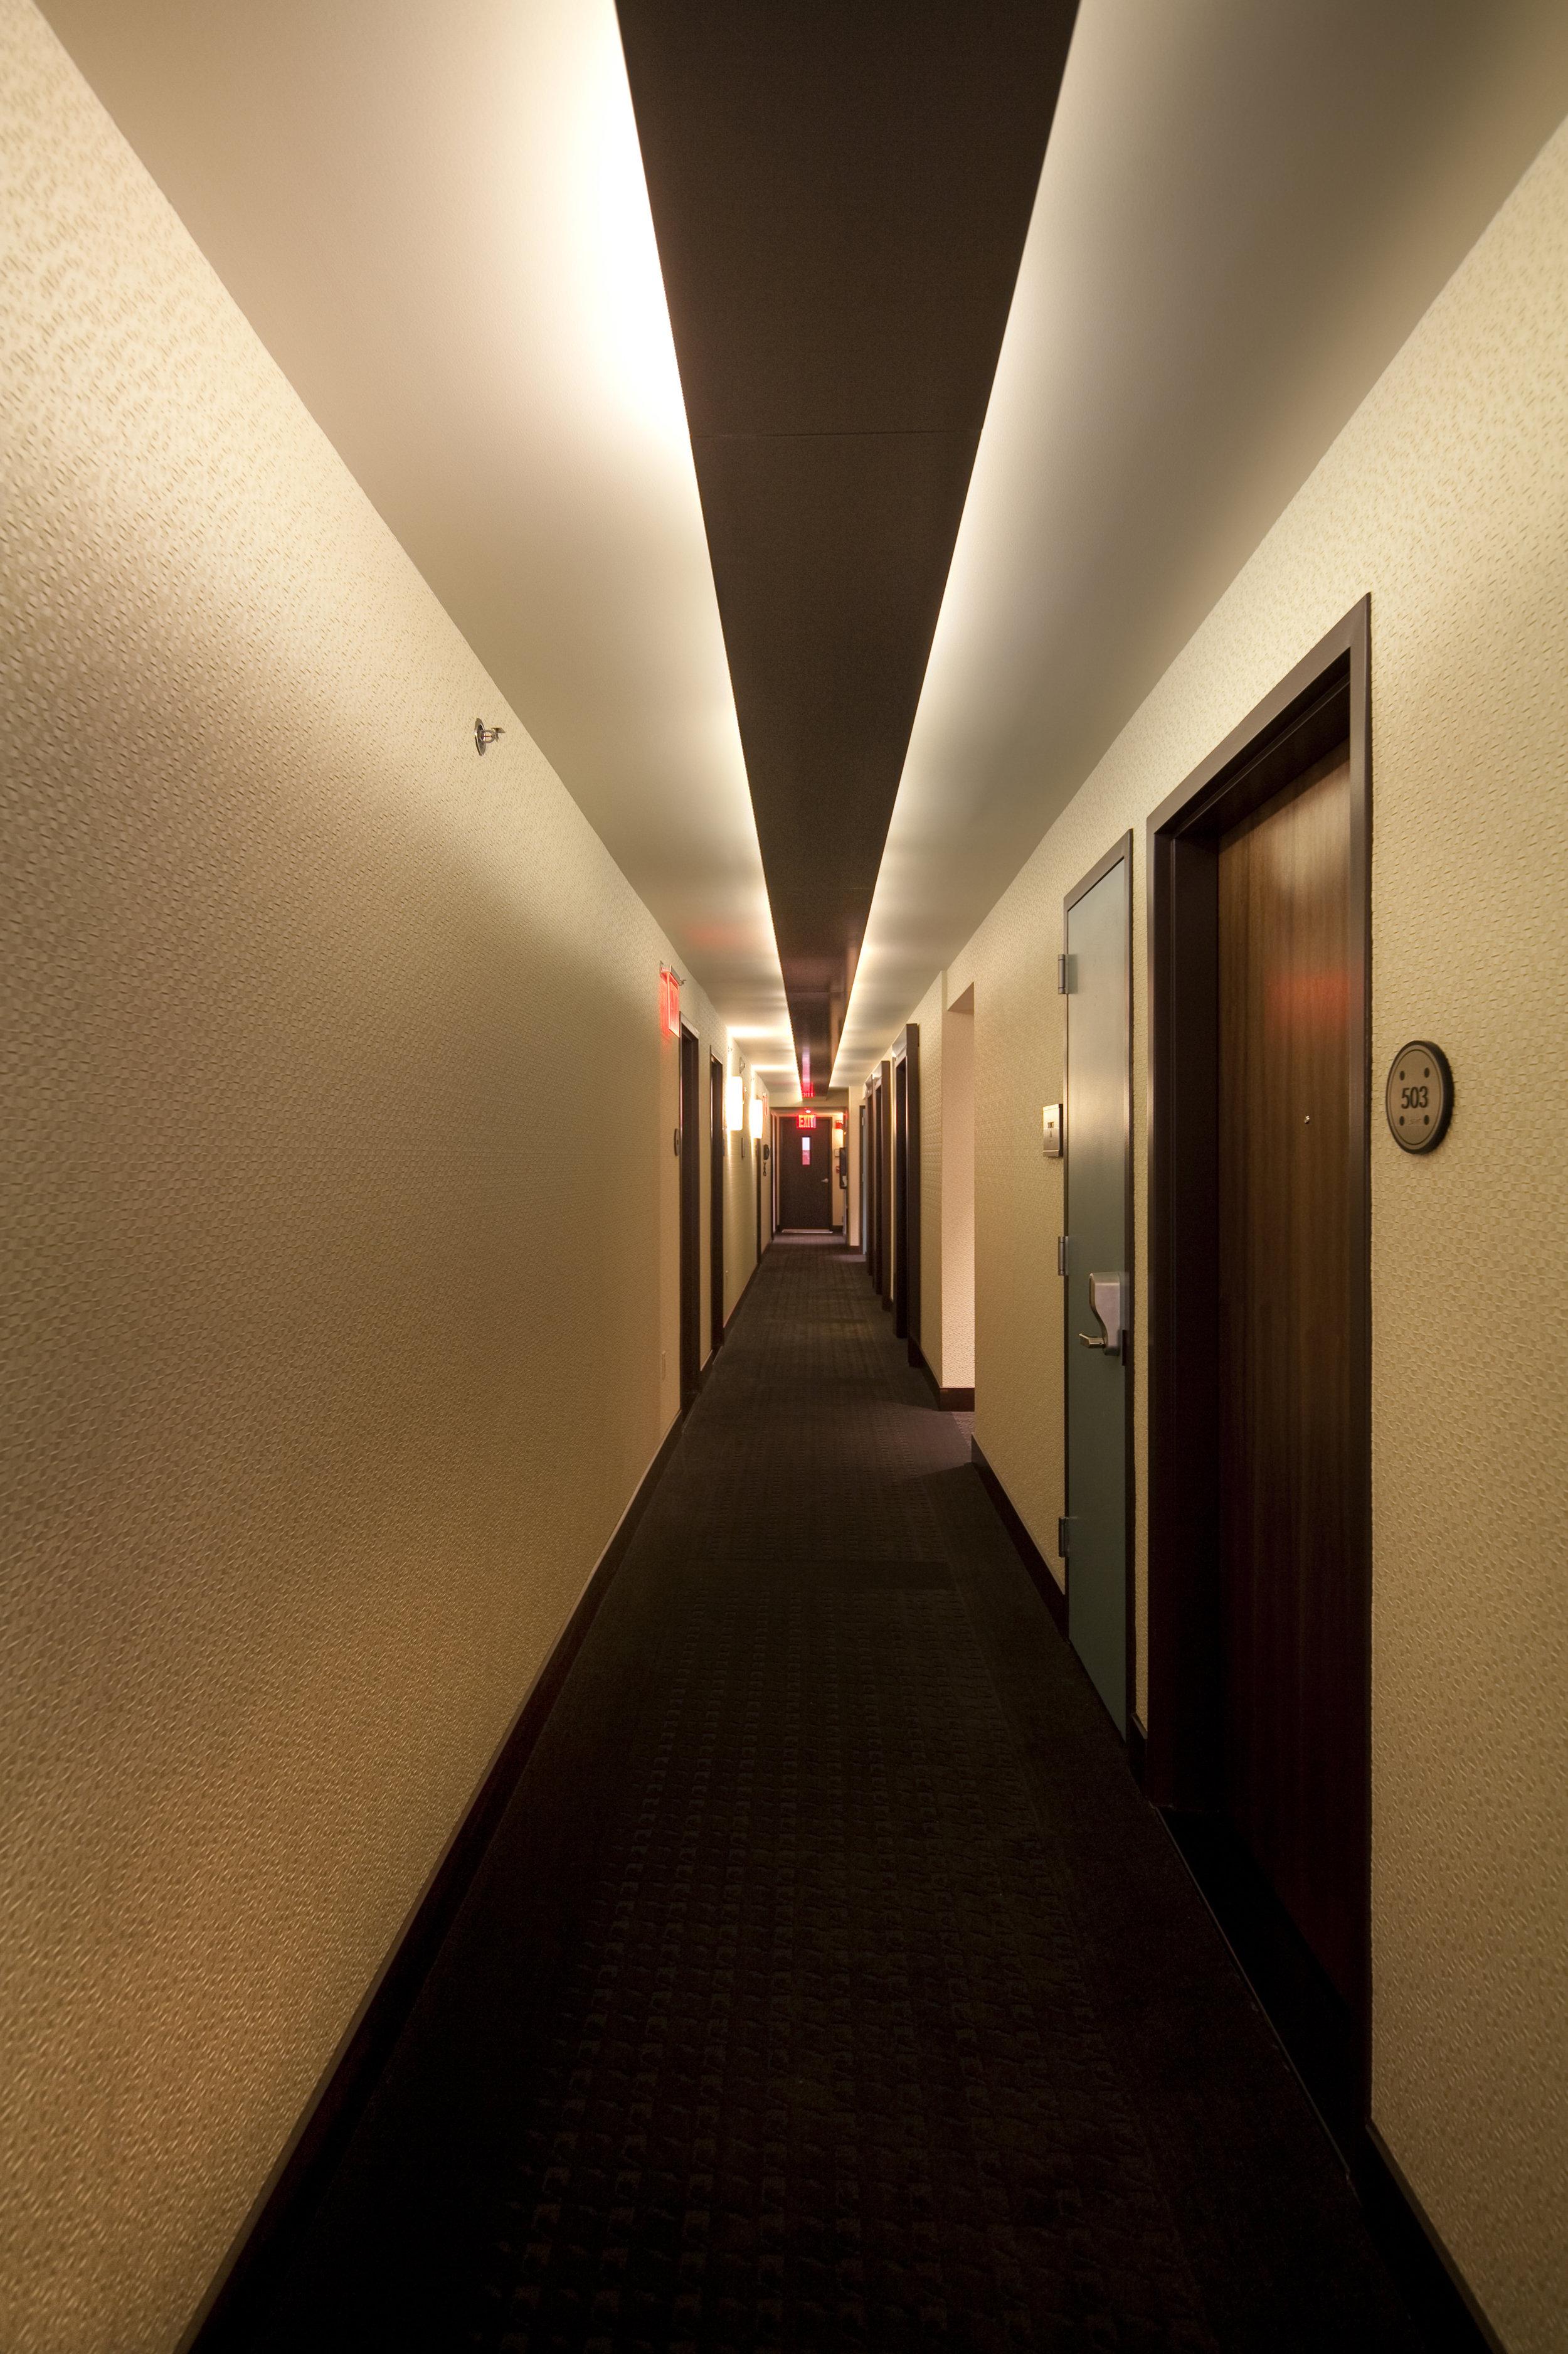 FASHION 26 HOTEL (originally by Wyndham), NYC